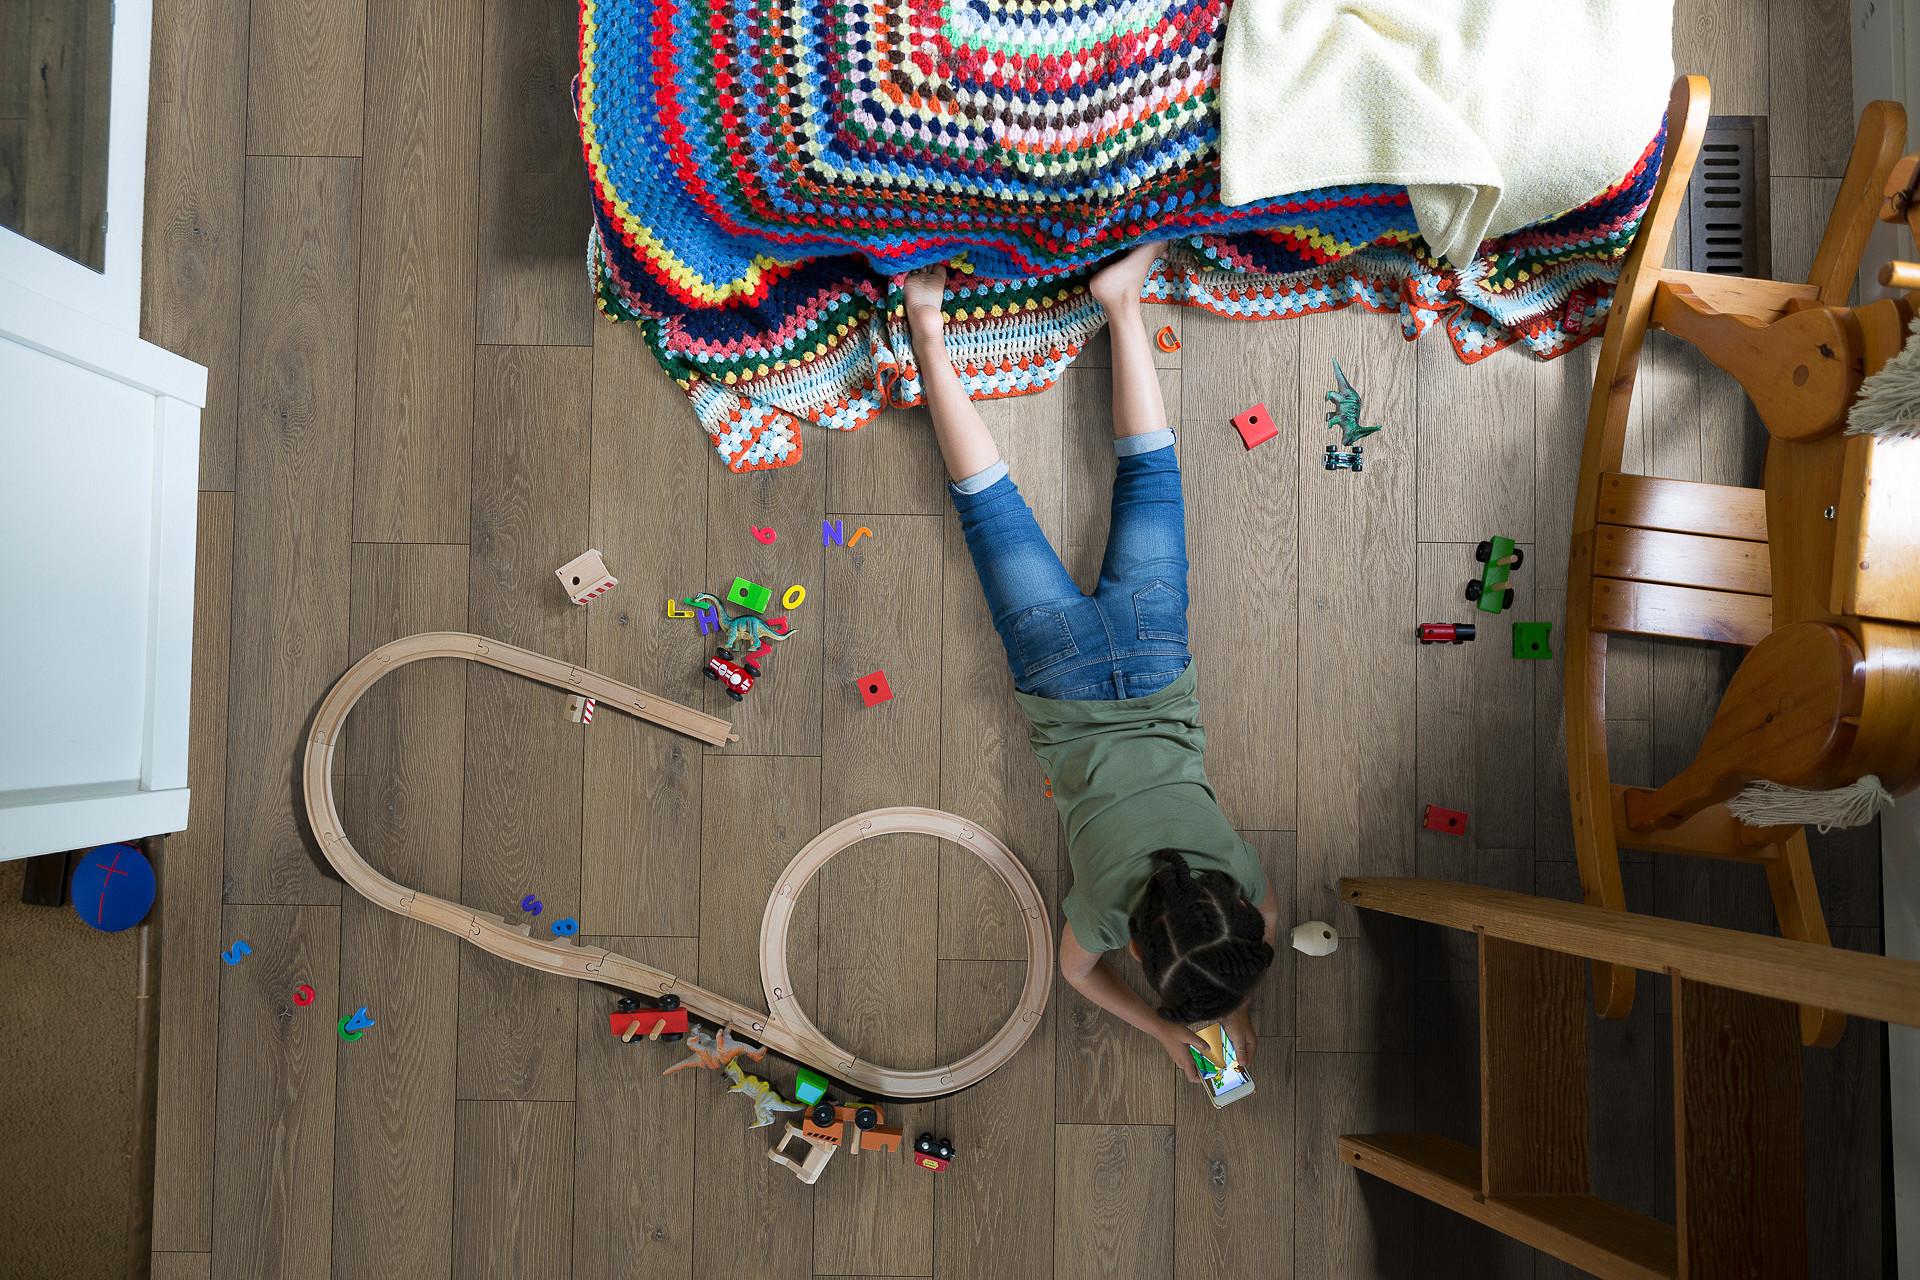 panele podłogowe do ogrzewania